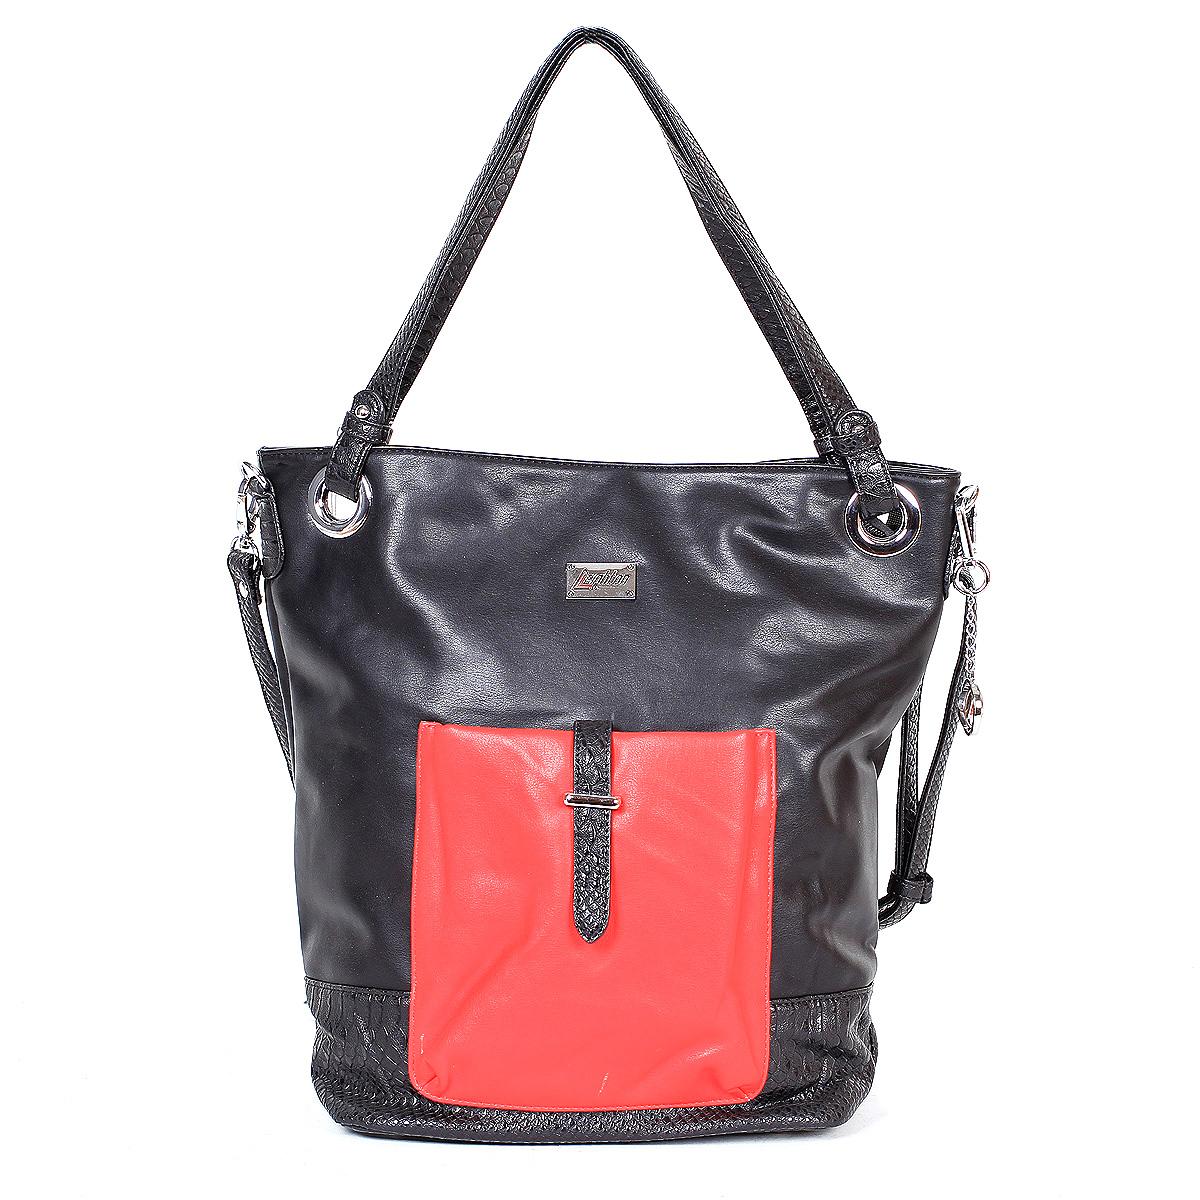 Сумка женская Leighton, цвет: черный, красный. 580189-1166/101/3799/1/1166/601